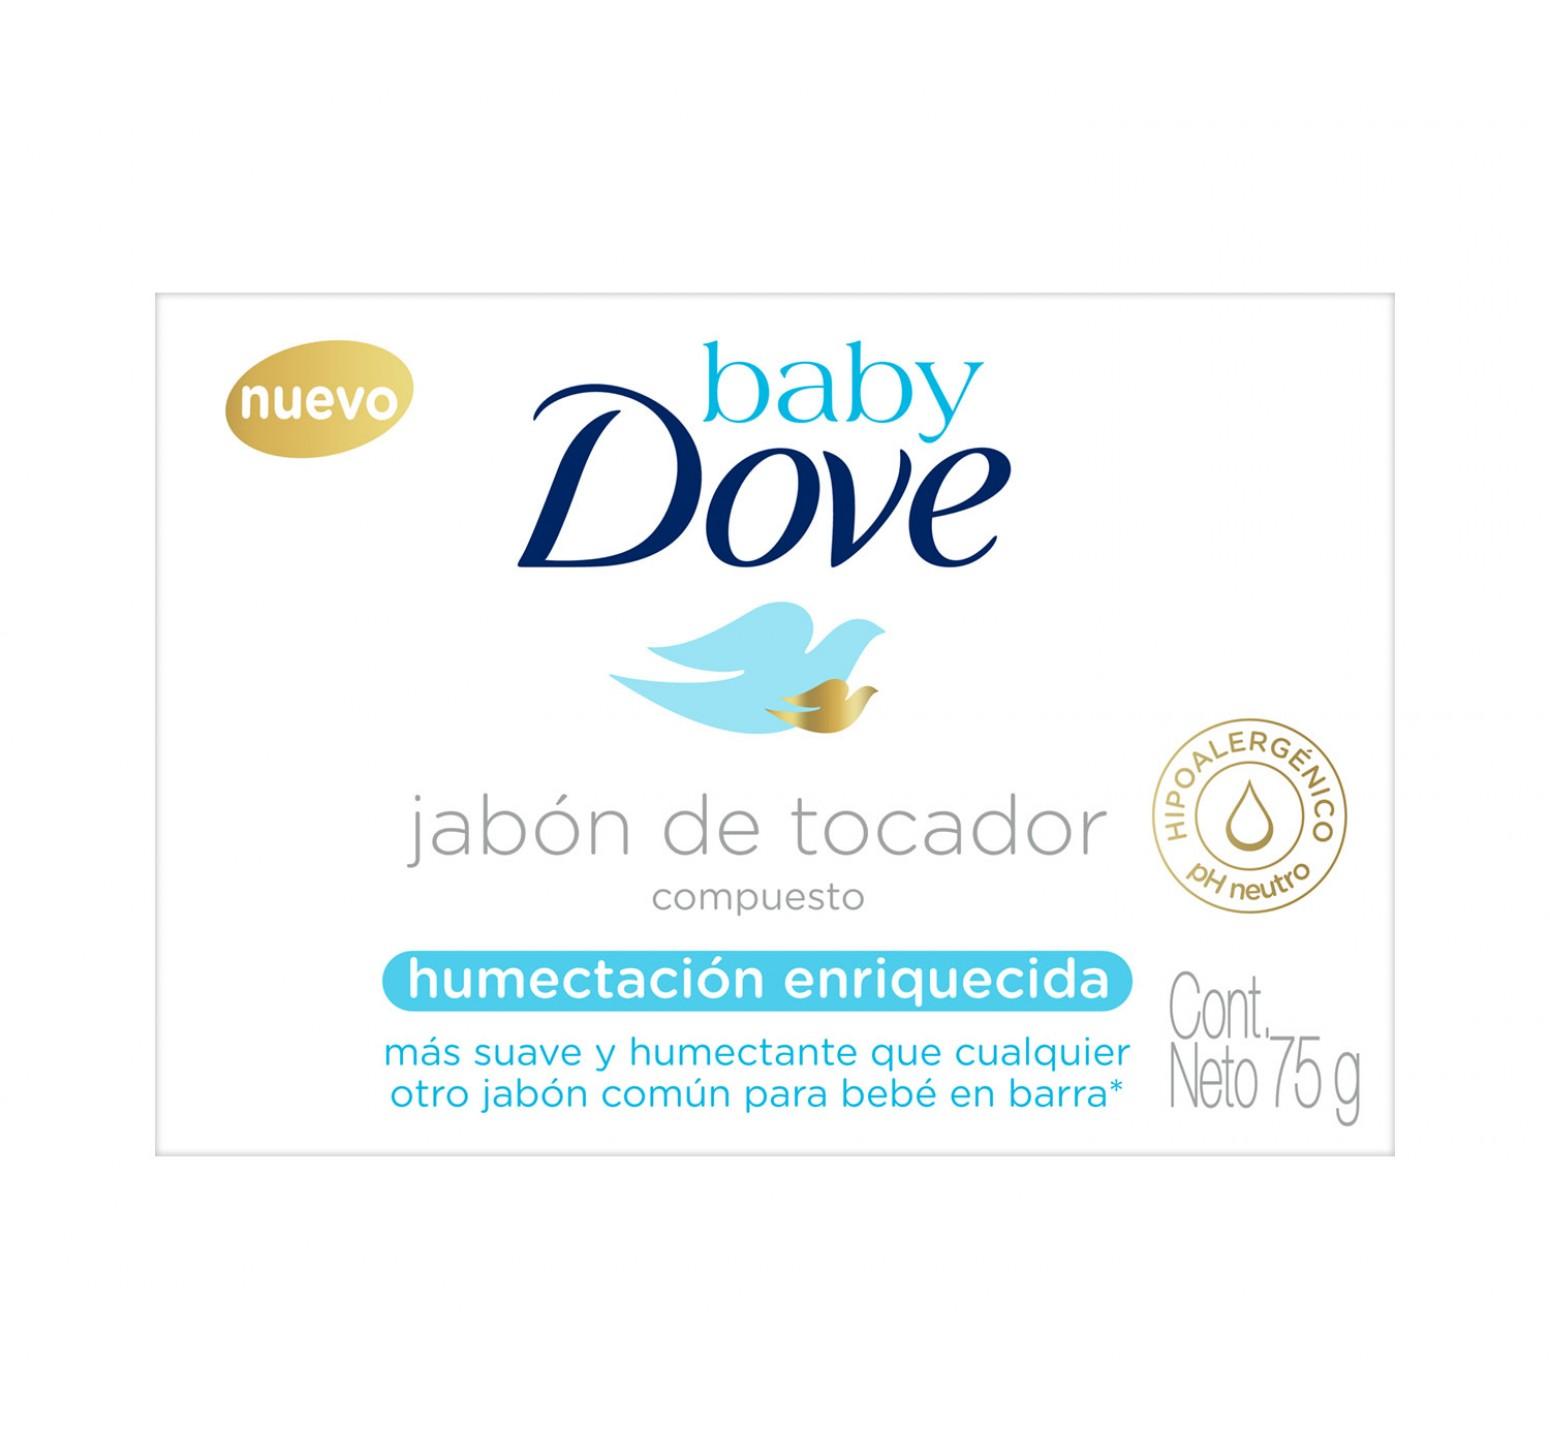 Baby Dove Jabón de tocador Humectación Enriquecida